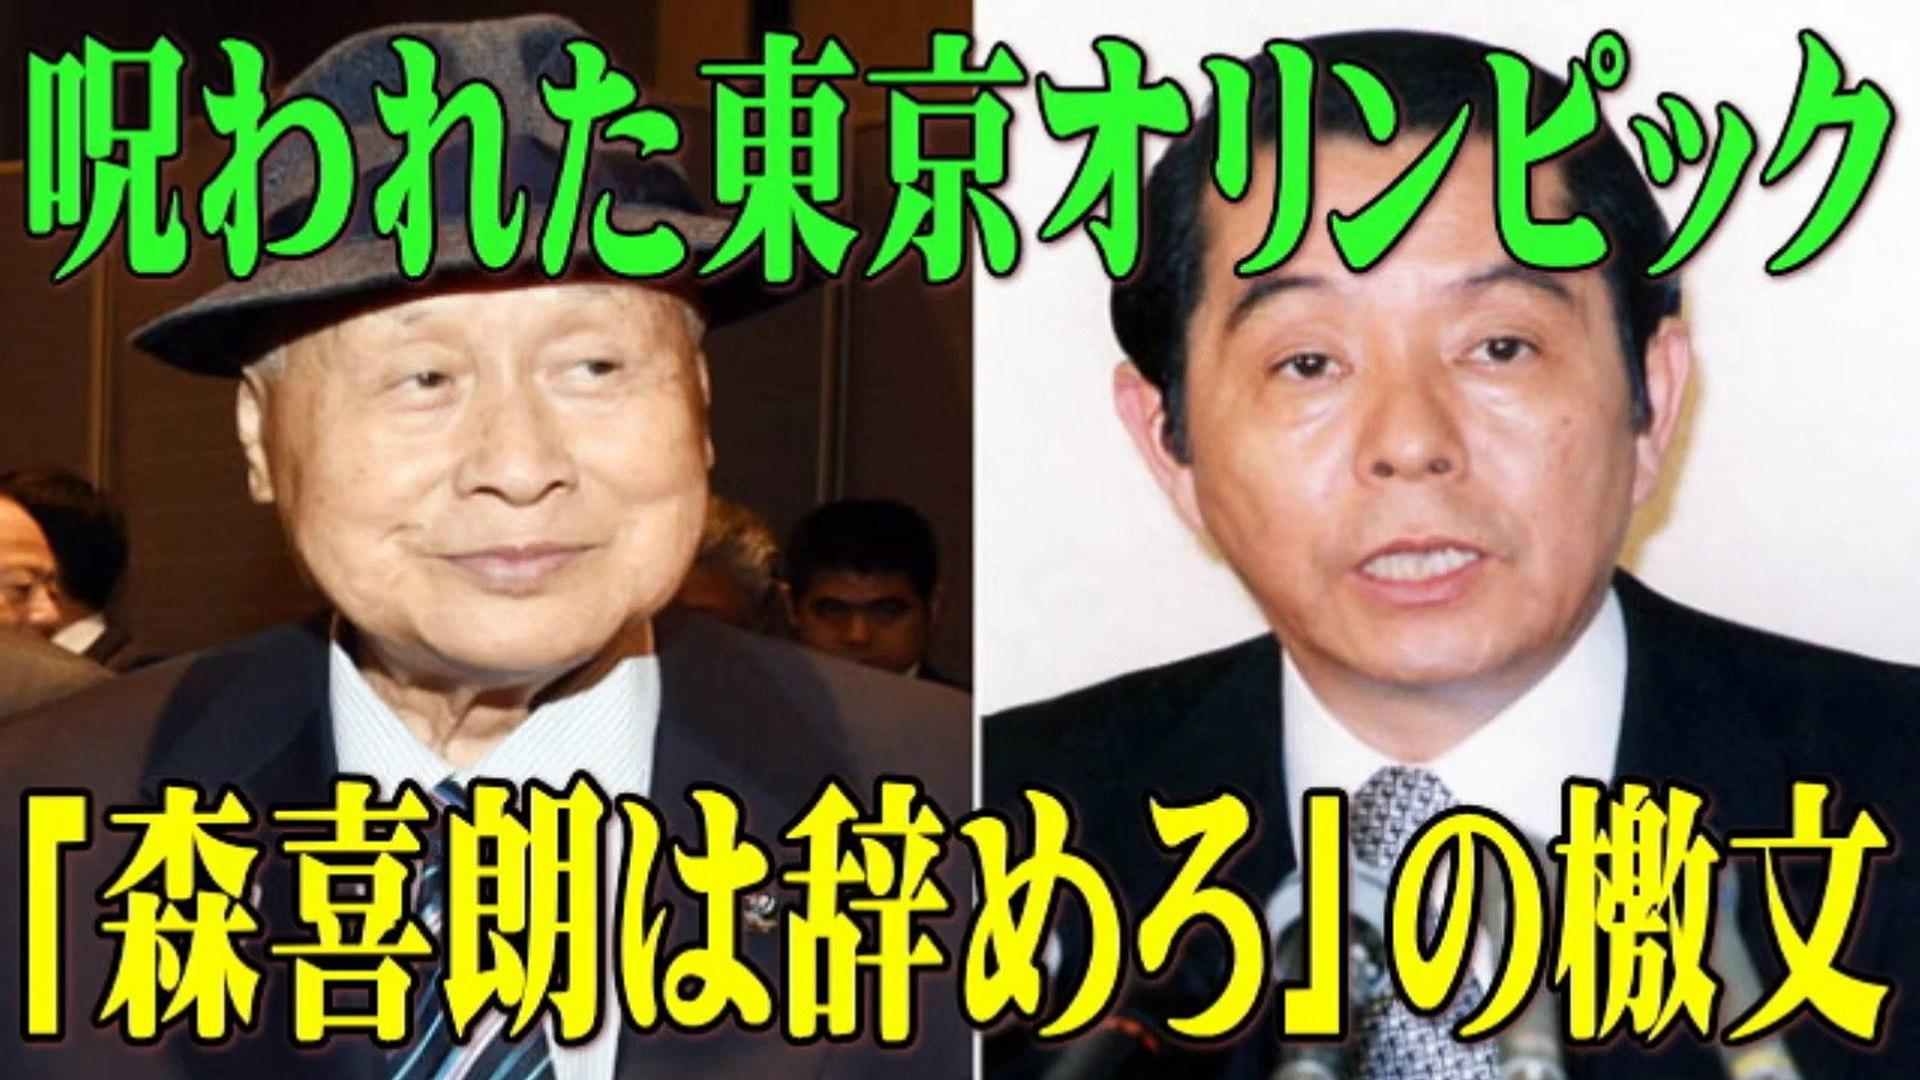 われ オリンピック 呪 た 東京